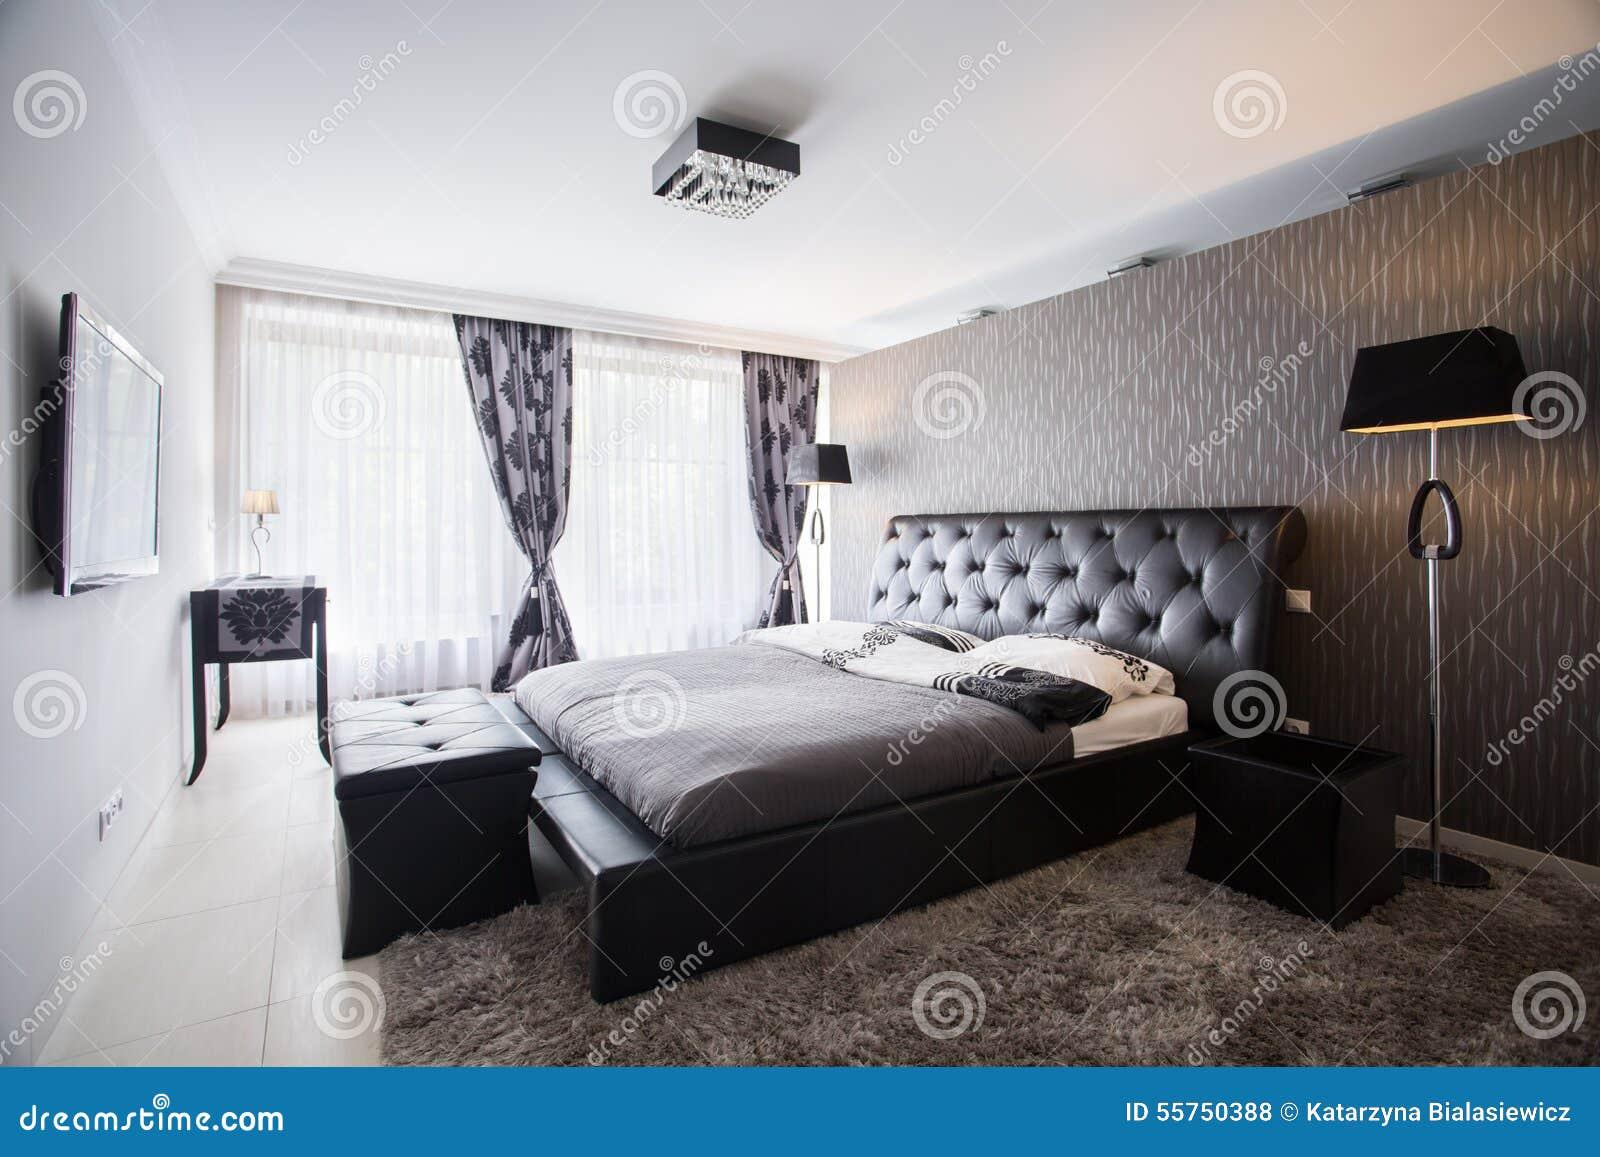 moderne schlafzimmer lampen es geht um idee. Black Bedroom Furniture Sets. Home Design Ideas